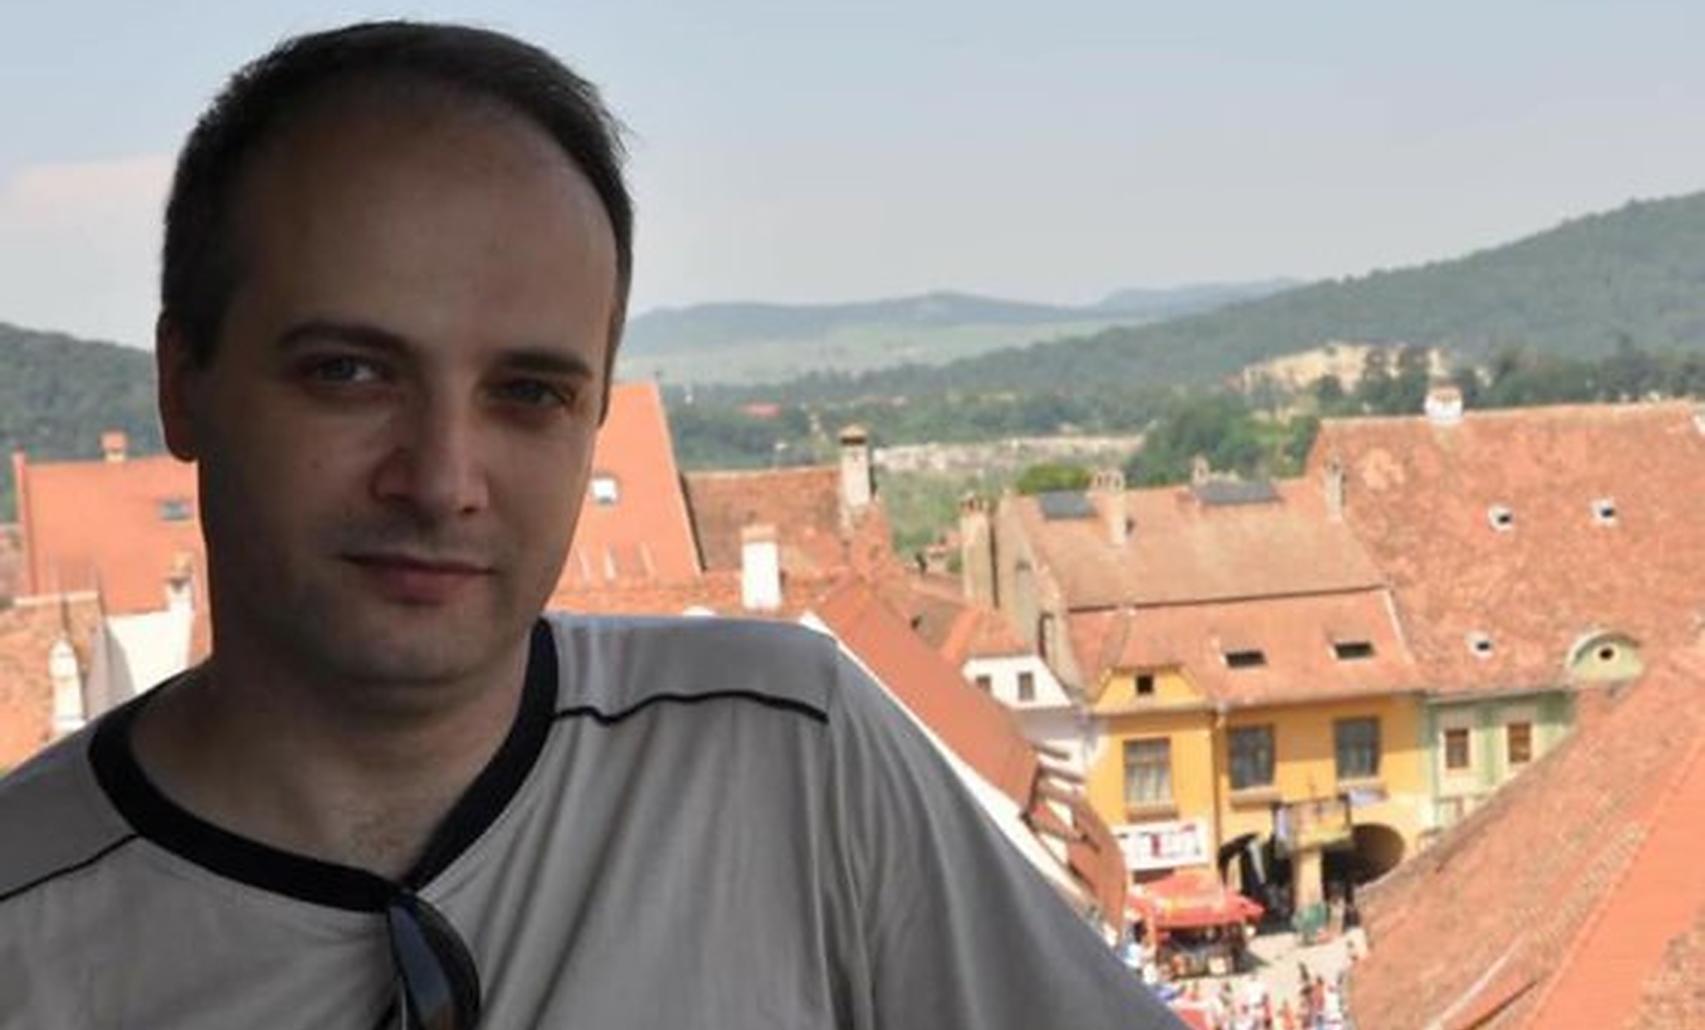 """Cătălin Denciu, medicul român care și-a salvat pacienții în timpul incendiului de la Piatra Neamț, declarat """"Eroul Anului 2020"""" în Belgia"""